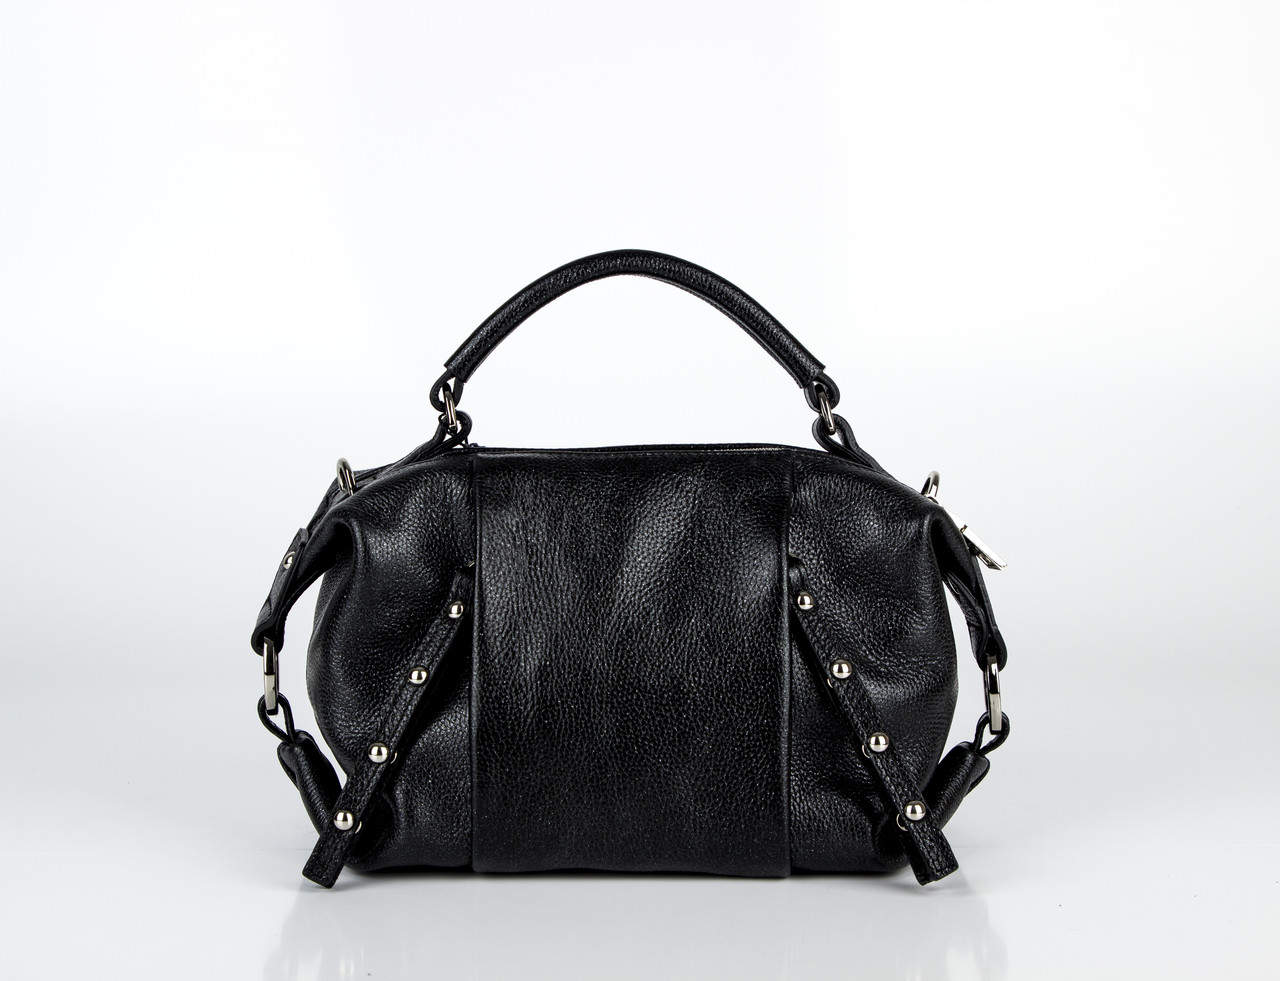 8175b23bc253 Сумка женская Assa 1195м кожаная черная, цена 2 199 грн., купить в ...